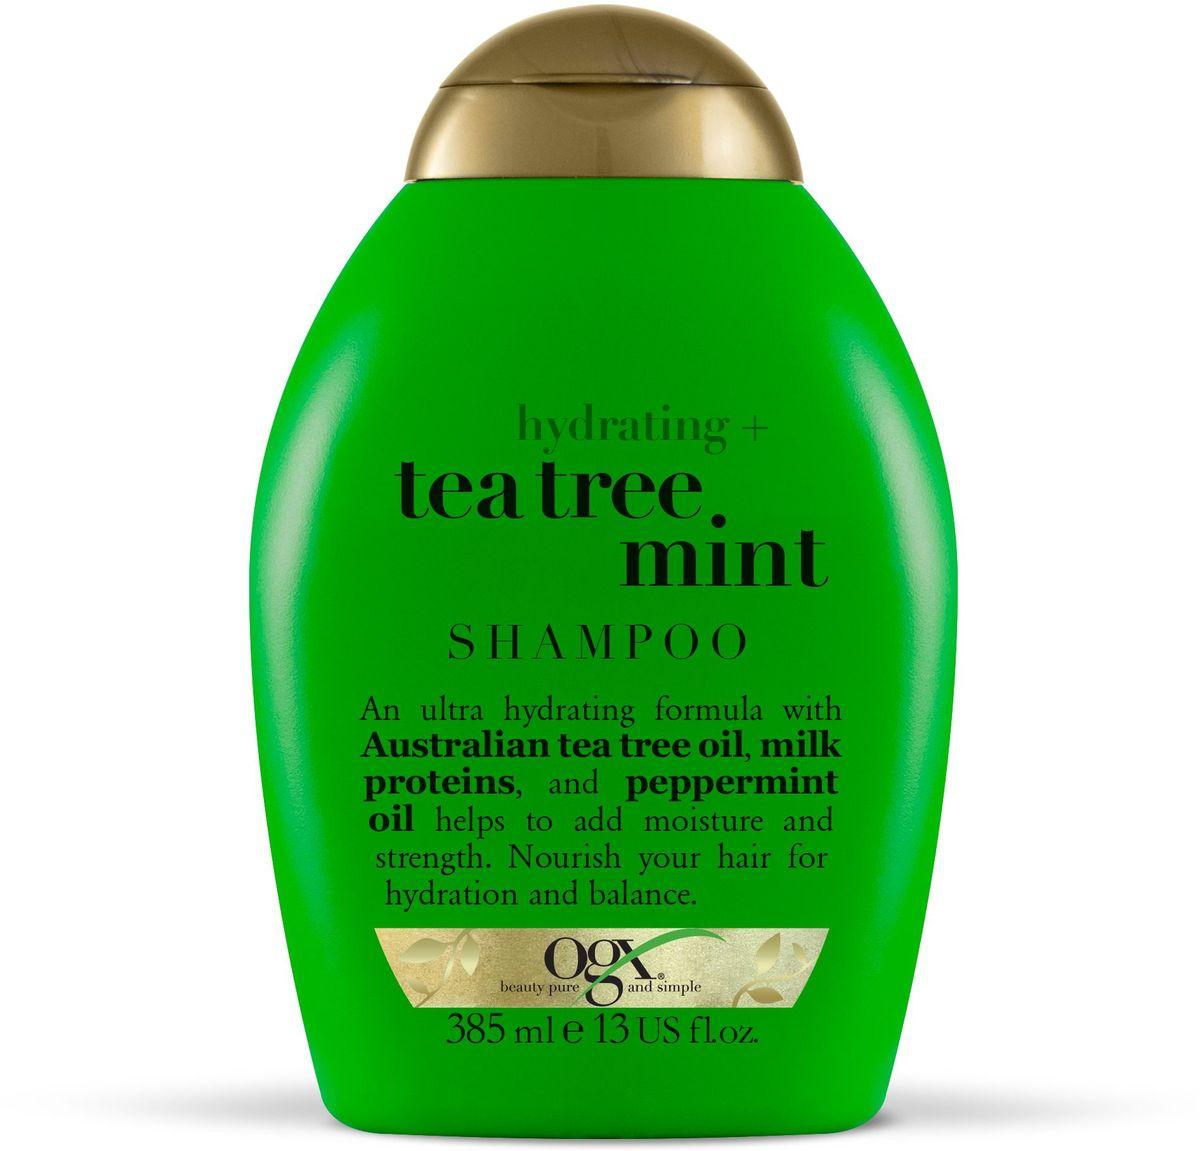 OGX Увлажняющий Шампунь с Маслом чайного дерева и Ментолом, 385 мл.97014Увлажняющий шампунь с маслом чайного дерева и ментолом увлажняет и укрепляет волосы, делая их гладкими и послушными. Помогает поддерживать естественный баланс и наполняют волосы молочным белком.